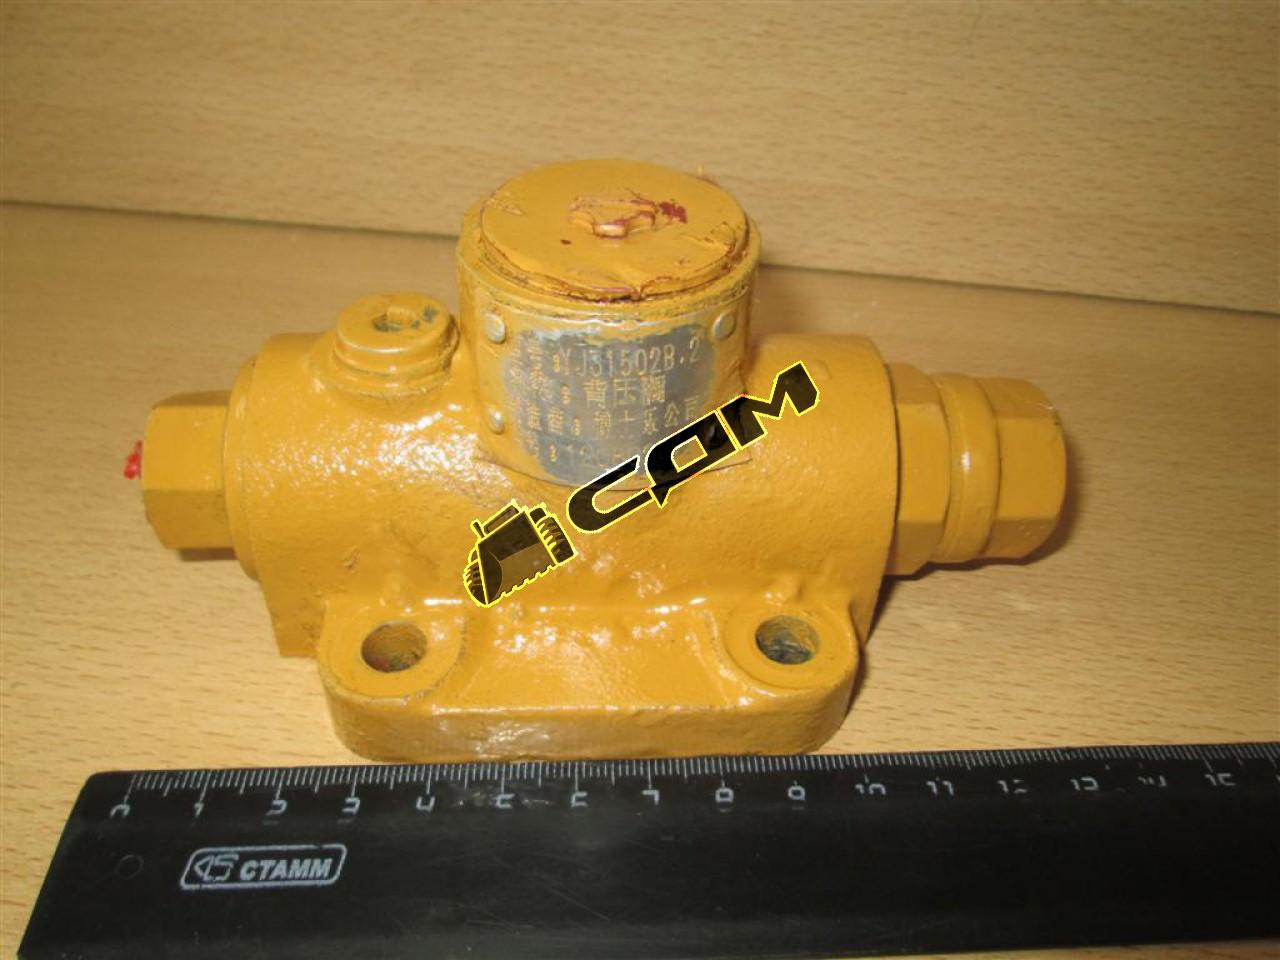 Клапан  давления, устанавливается на корпус ГТР CDM 833  YJ31502B.2